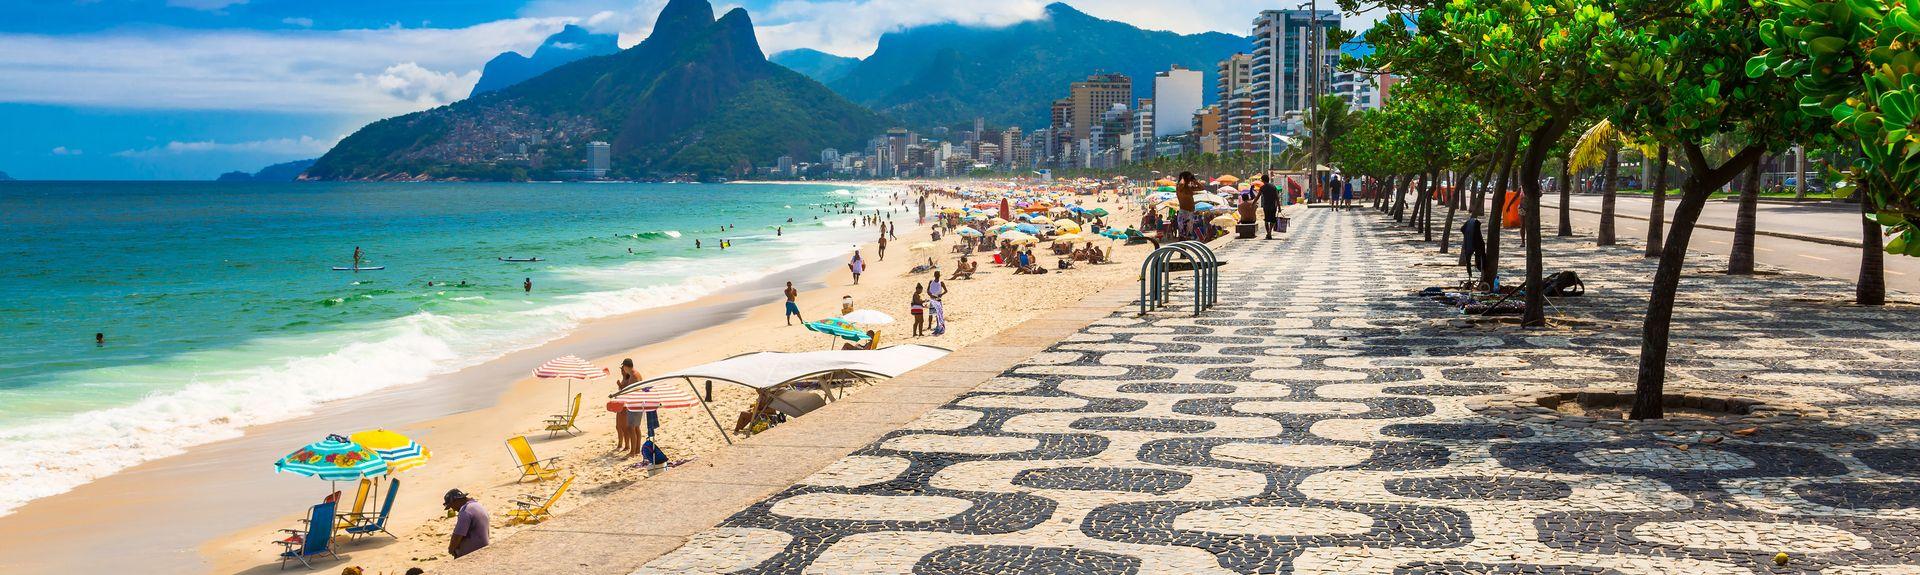 Ipanema, Rio de Janeiro, State of Rio de Janeiro, Brazil